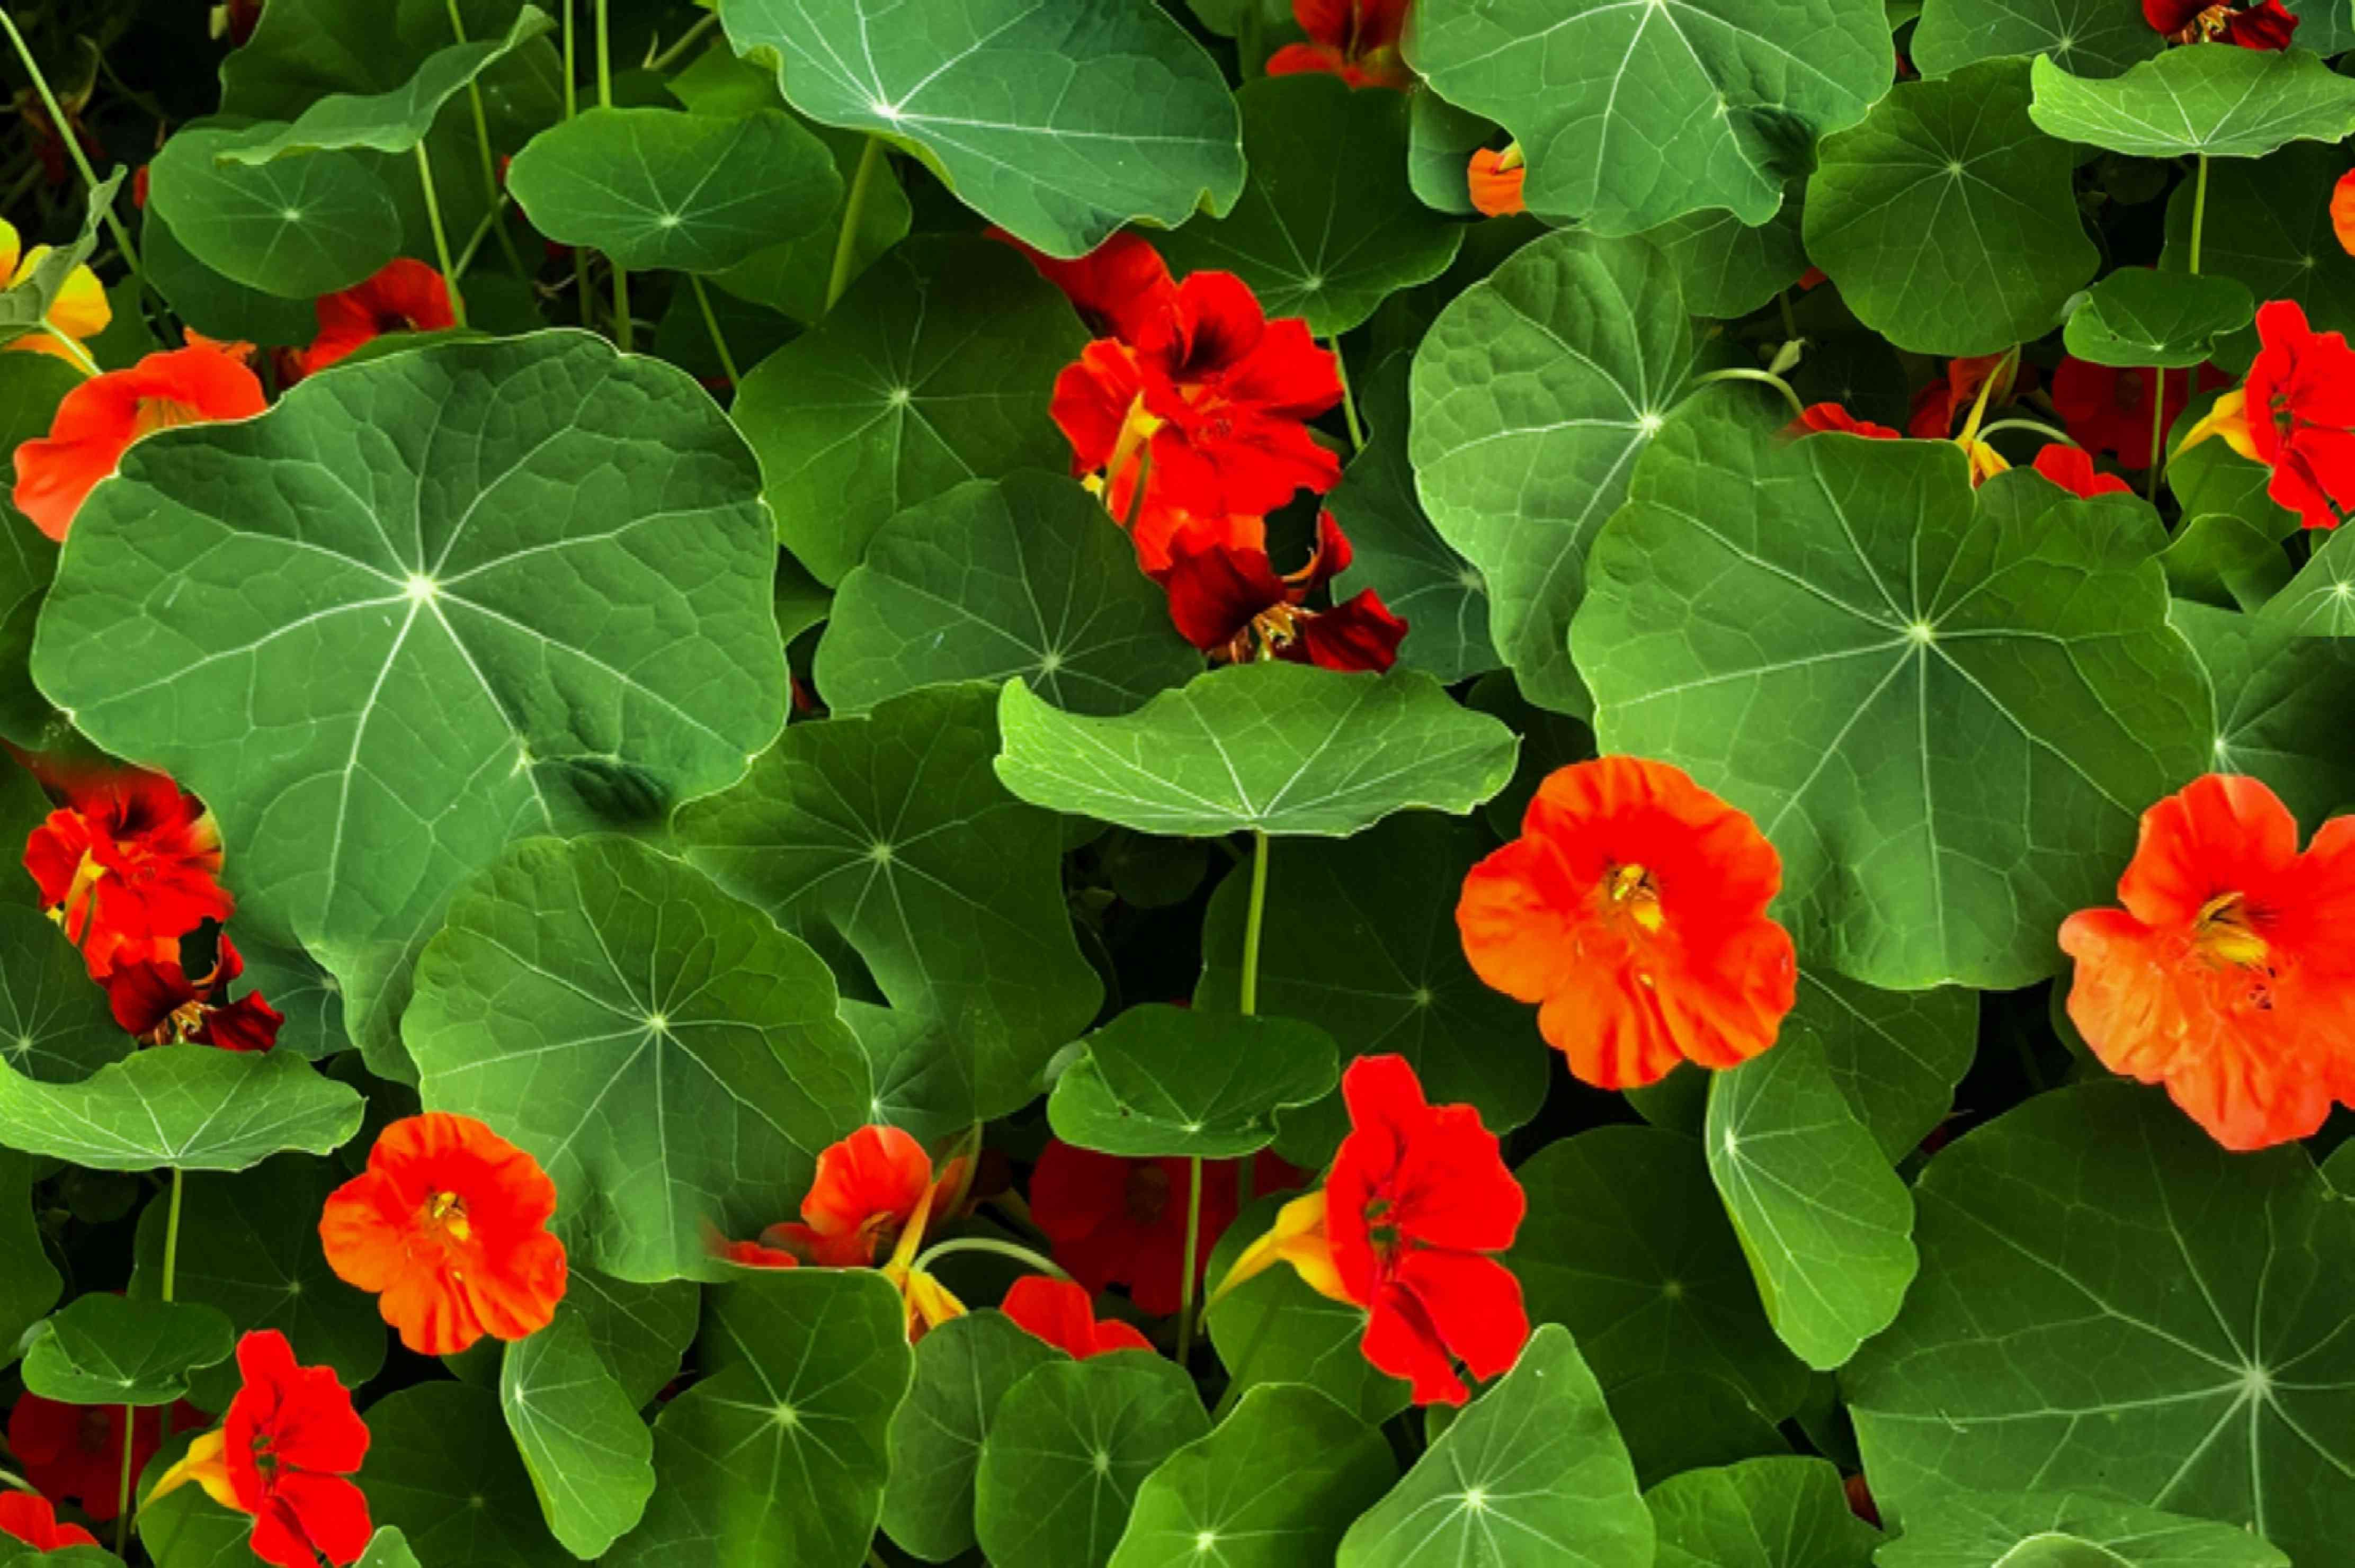 Red nasturtium flowers in between large green leaves